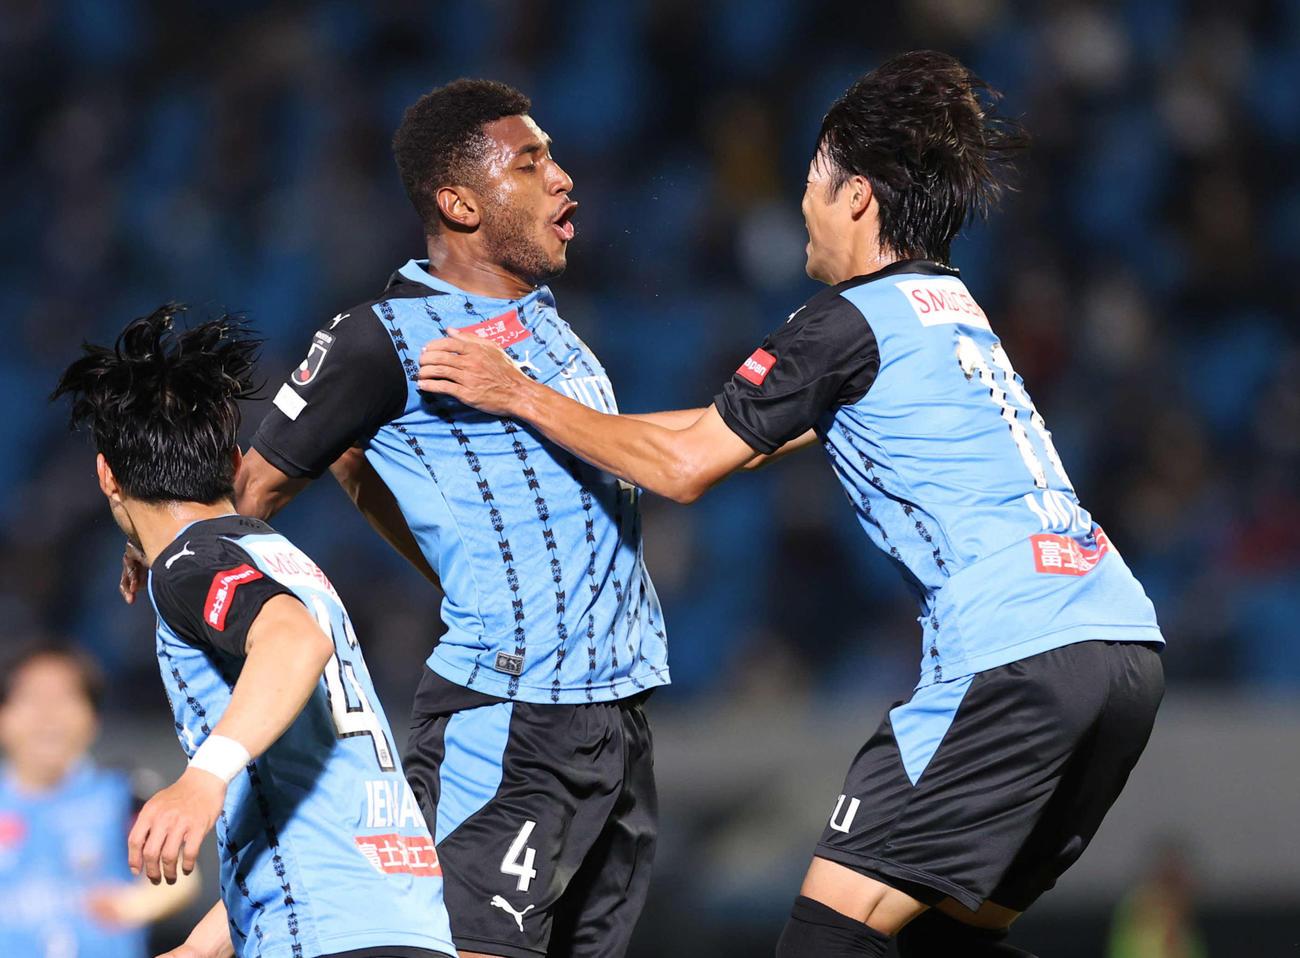 川崎F対名古屋 後半、チーム3点目のゴールをヘディングで決めた川崎F・DFジェジエウ(中央)(撮影・河野匠)